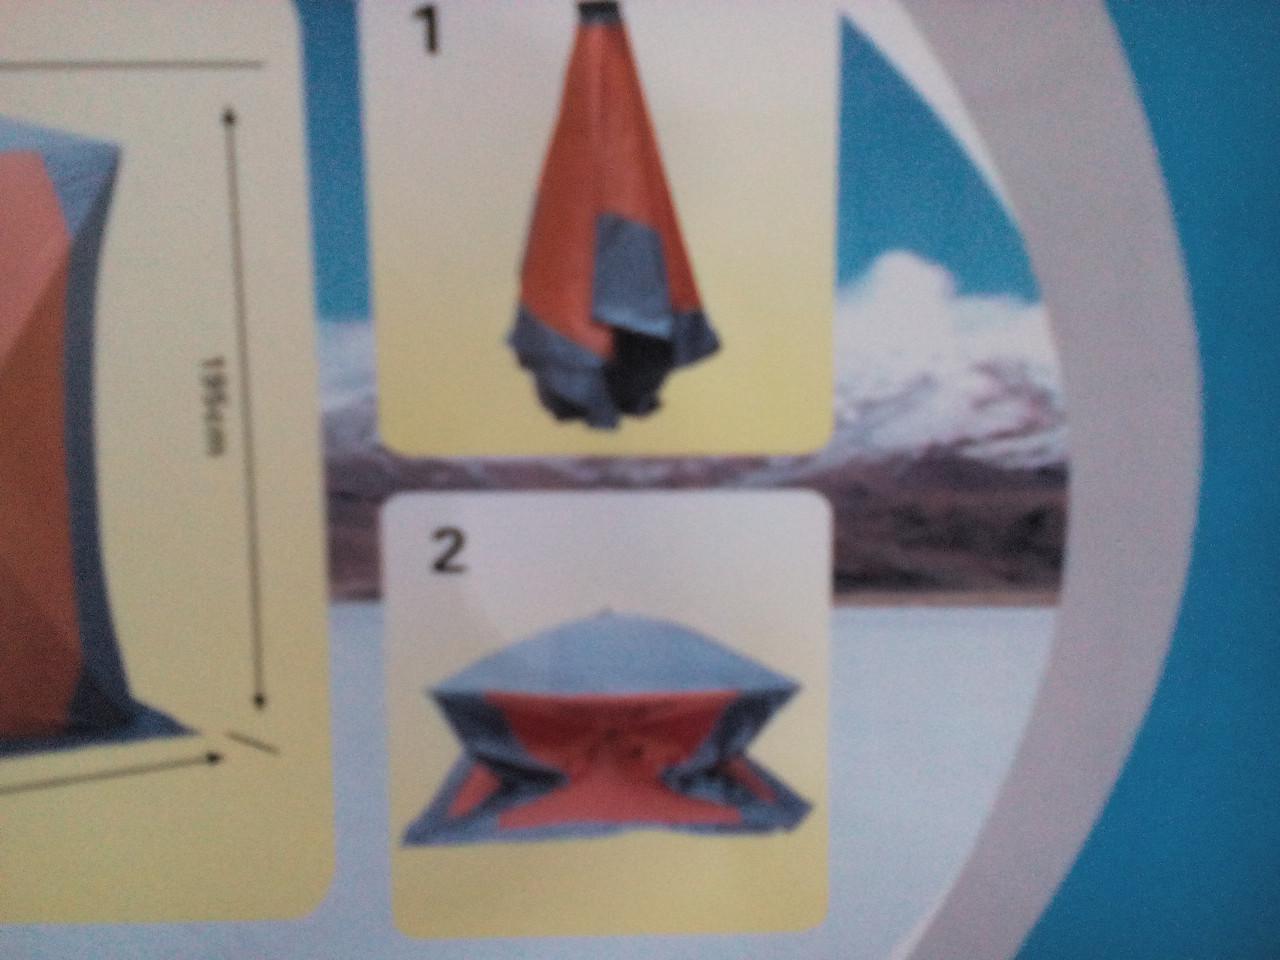 Палатка зимняя куб 2х2м.утеплённая - фото 3